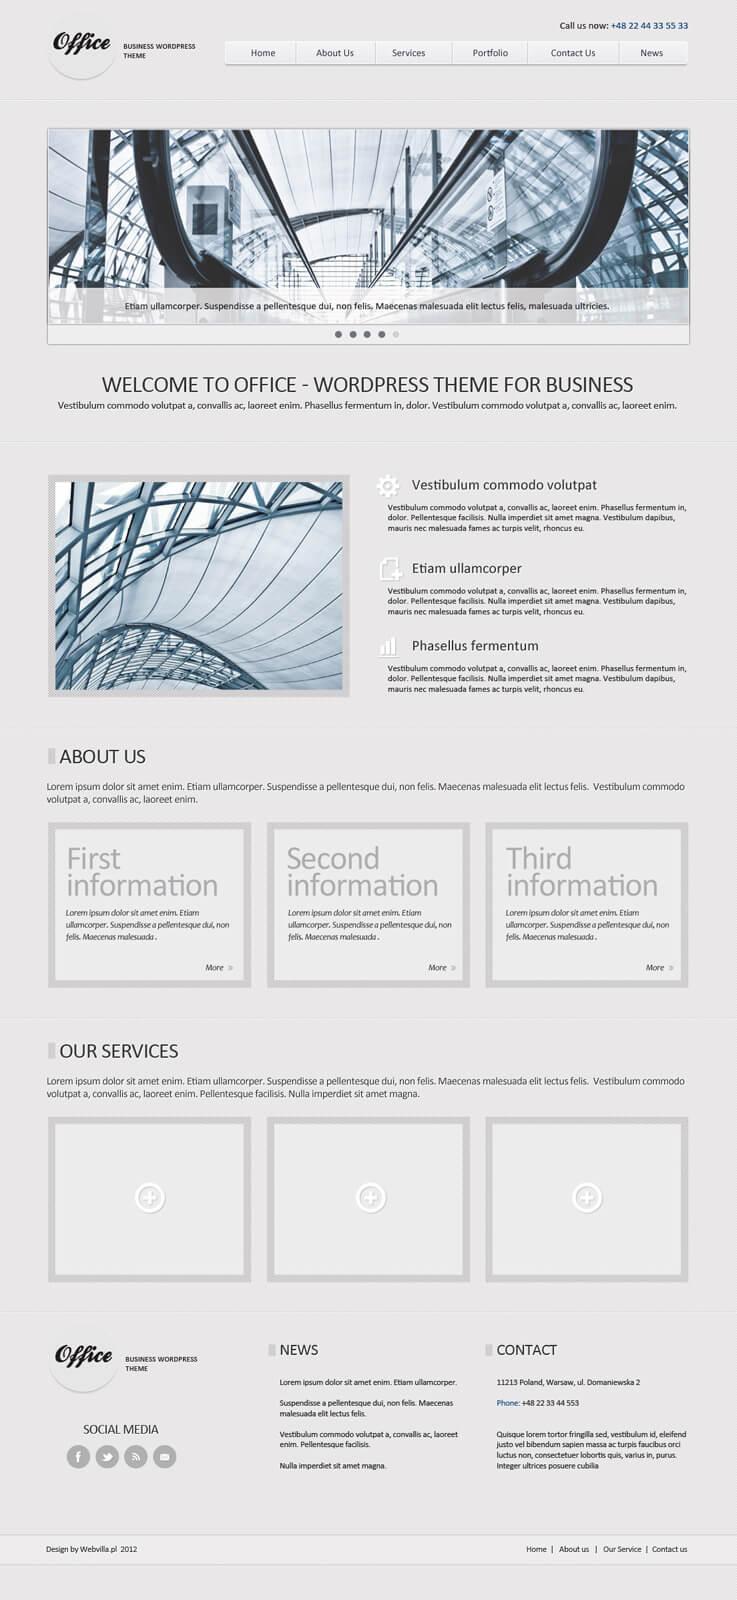 Office - wordpress theme by niedziela2005